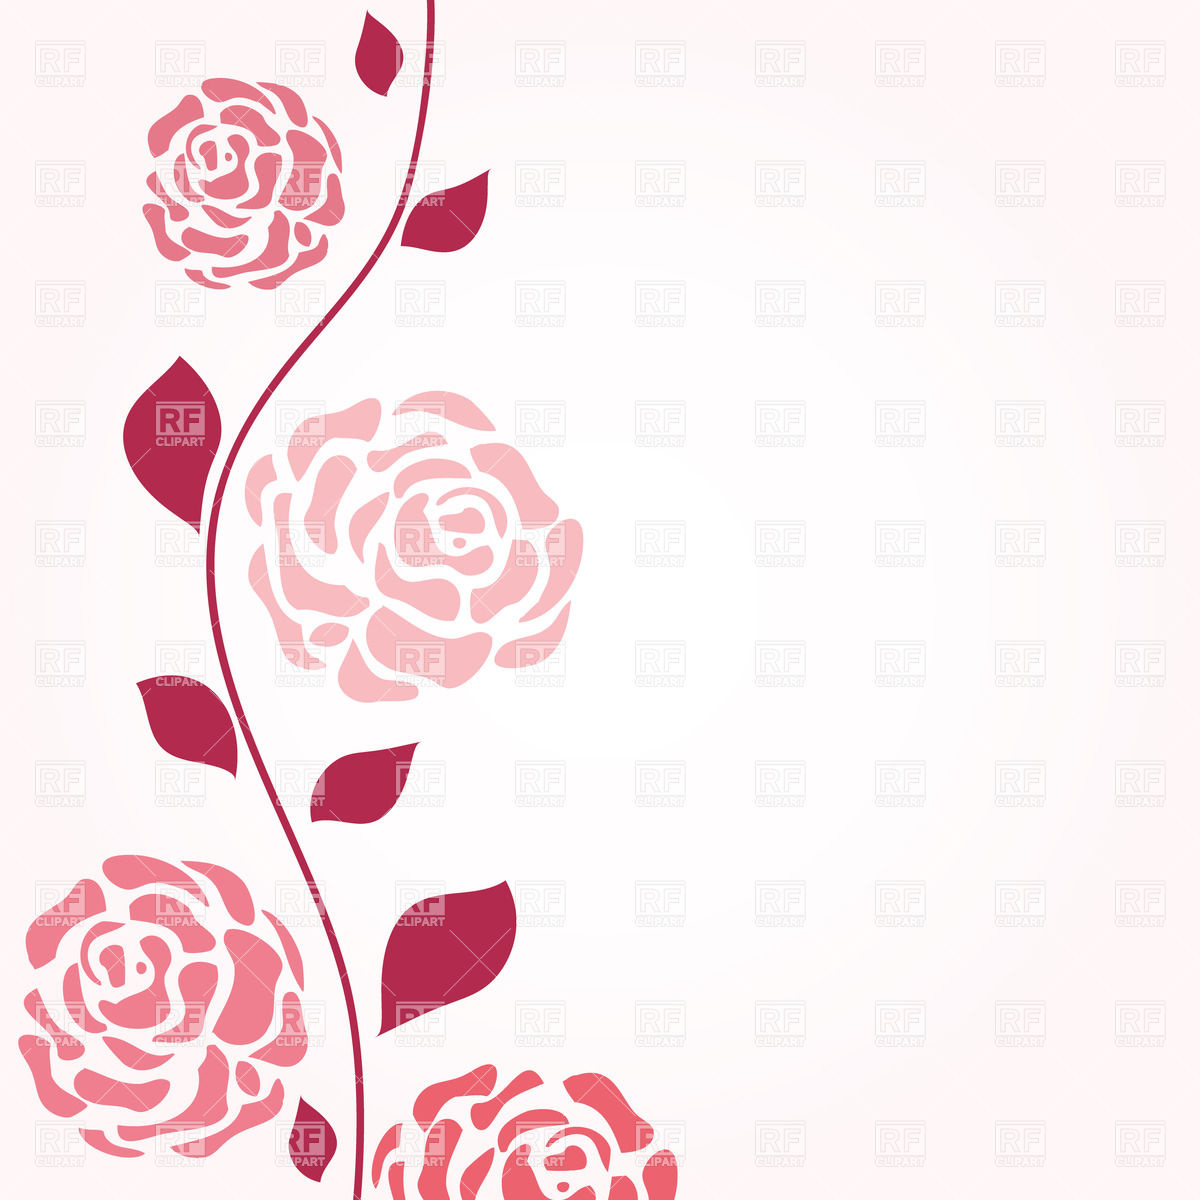 ... clip-art-border-clipart-panda-free-clipart-images-d60JRJ-clipart.jpeg Flower Vine Clipart